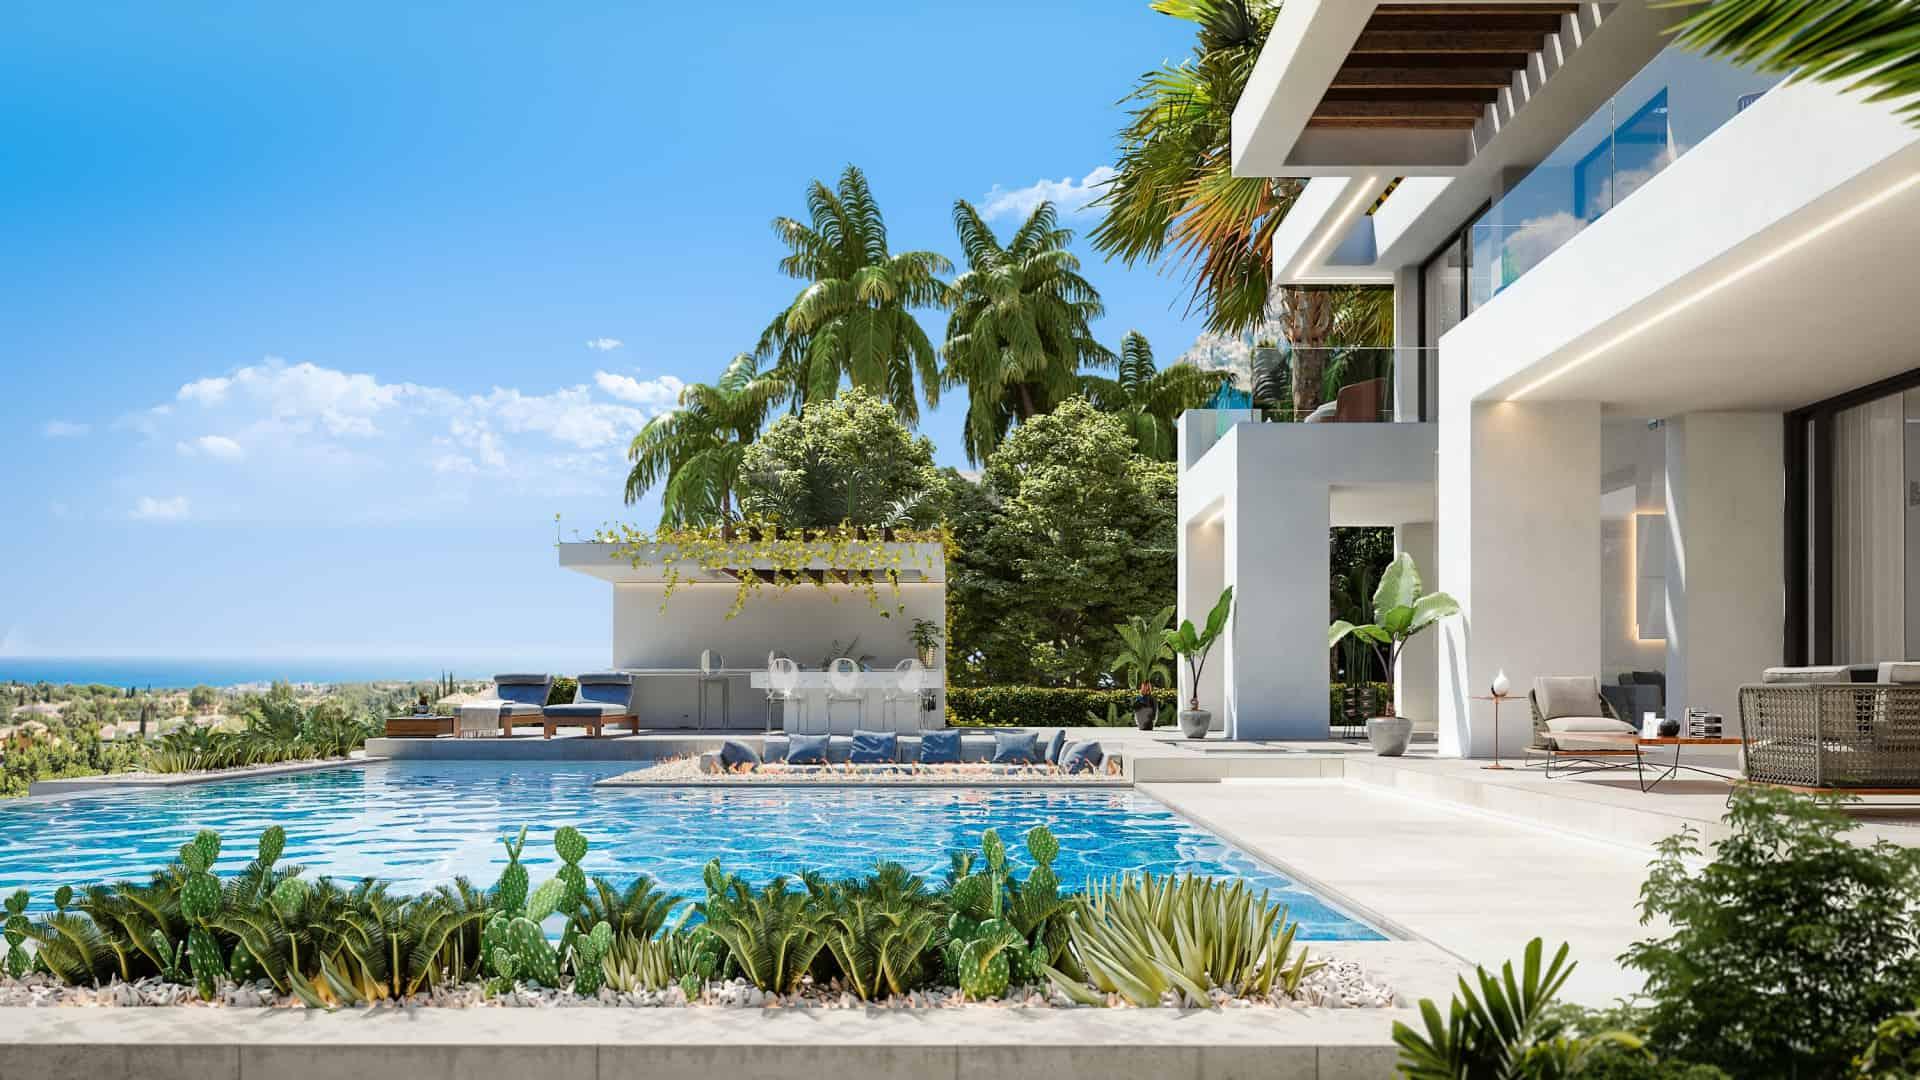 The View, consummate villa luxury in La Resina Golf